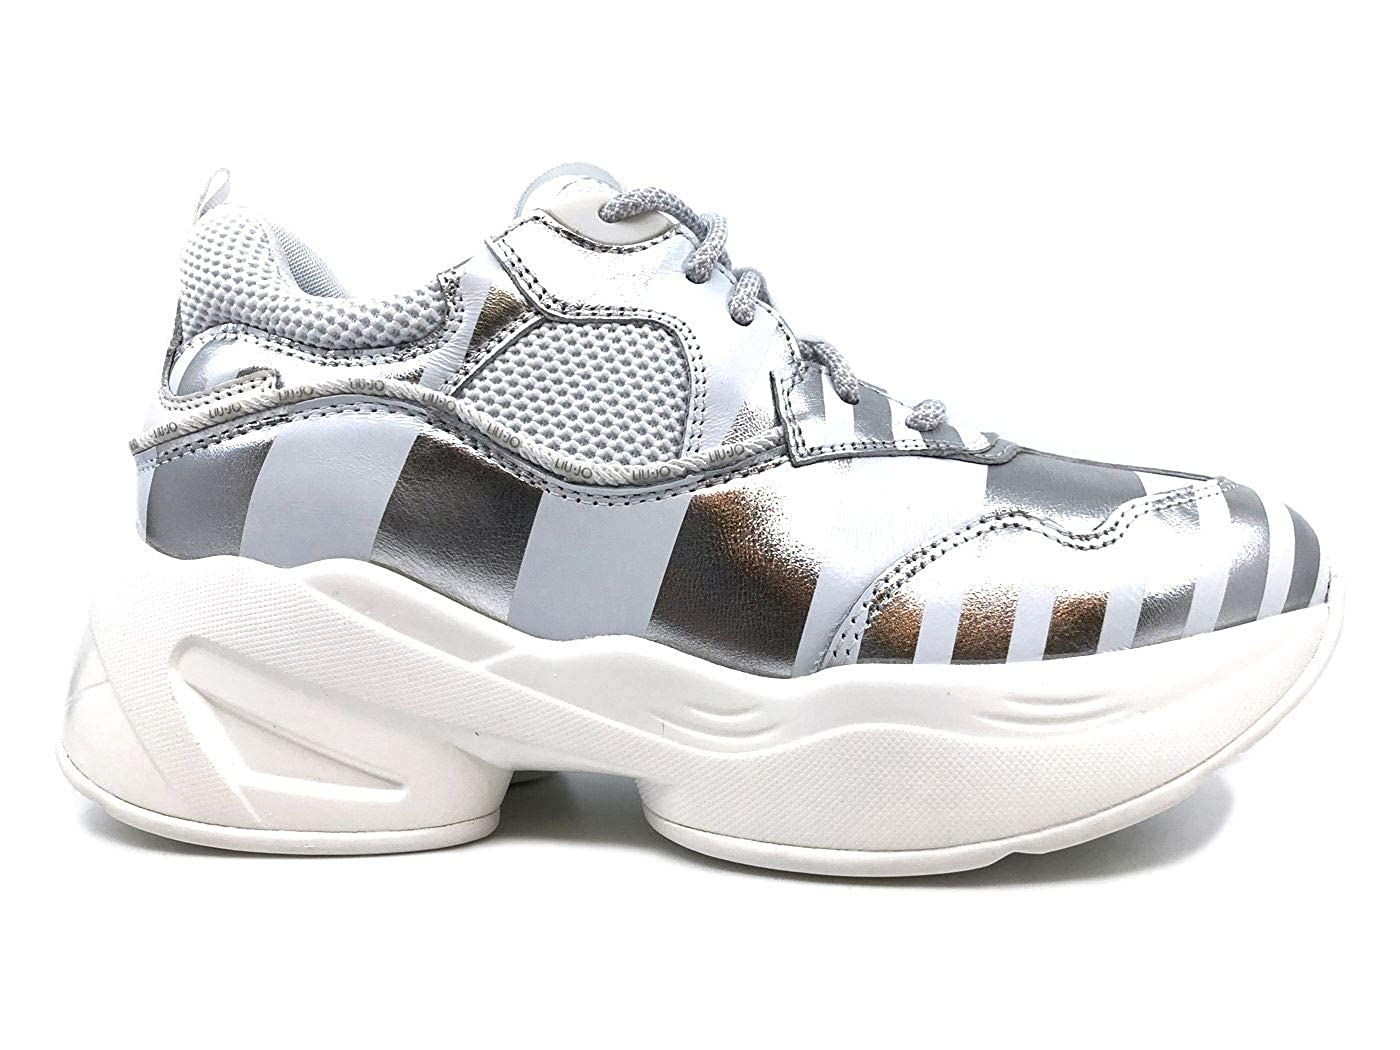 Liu Jo Jog Jog Jog 06 scarpe da ginnastica Donna Bianca in